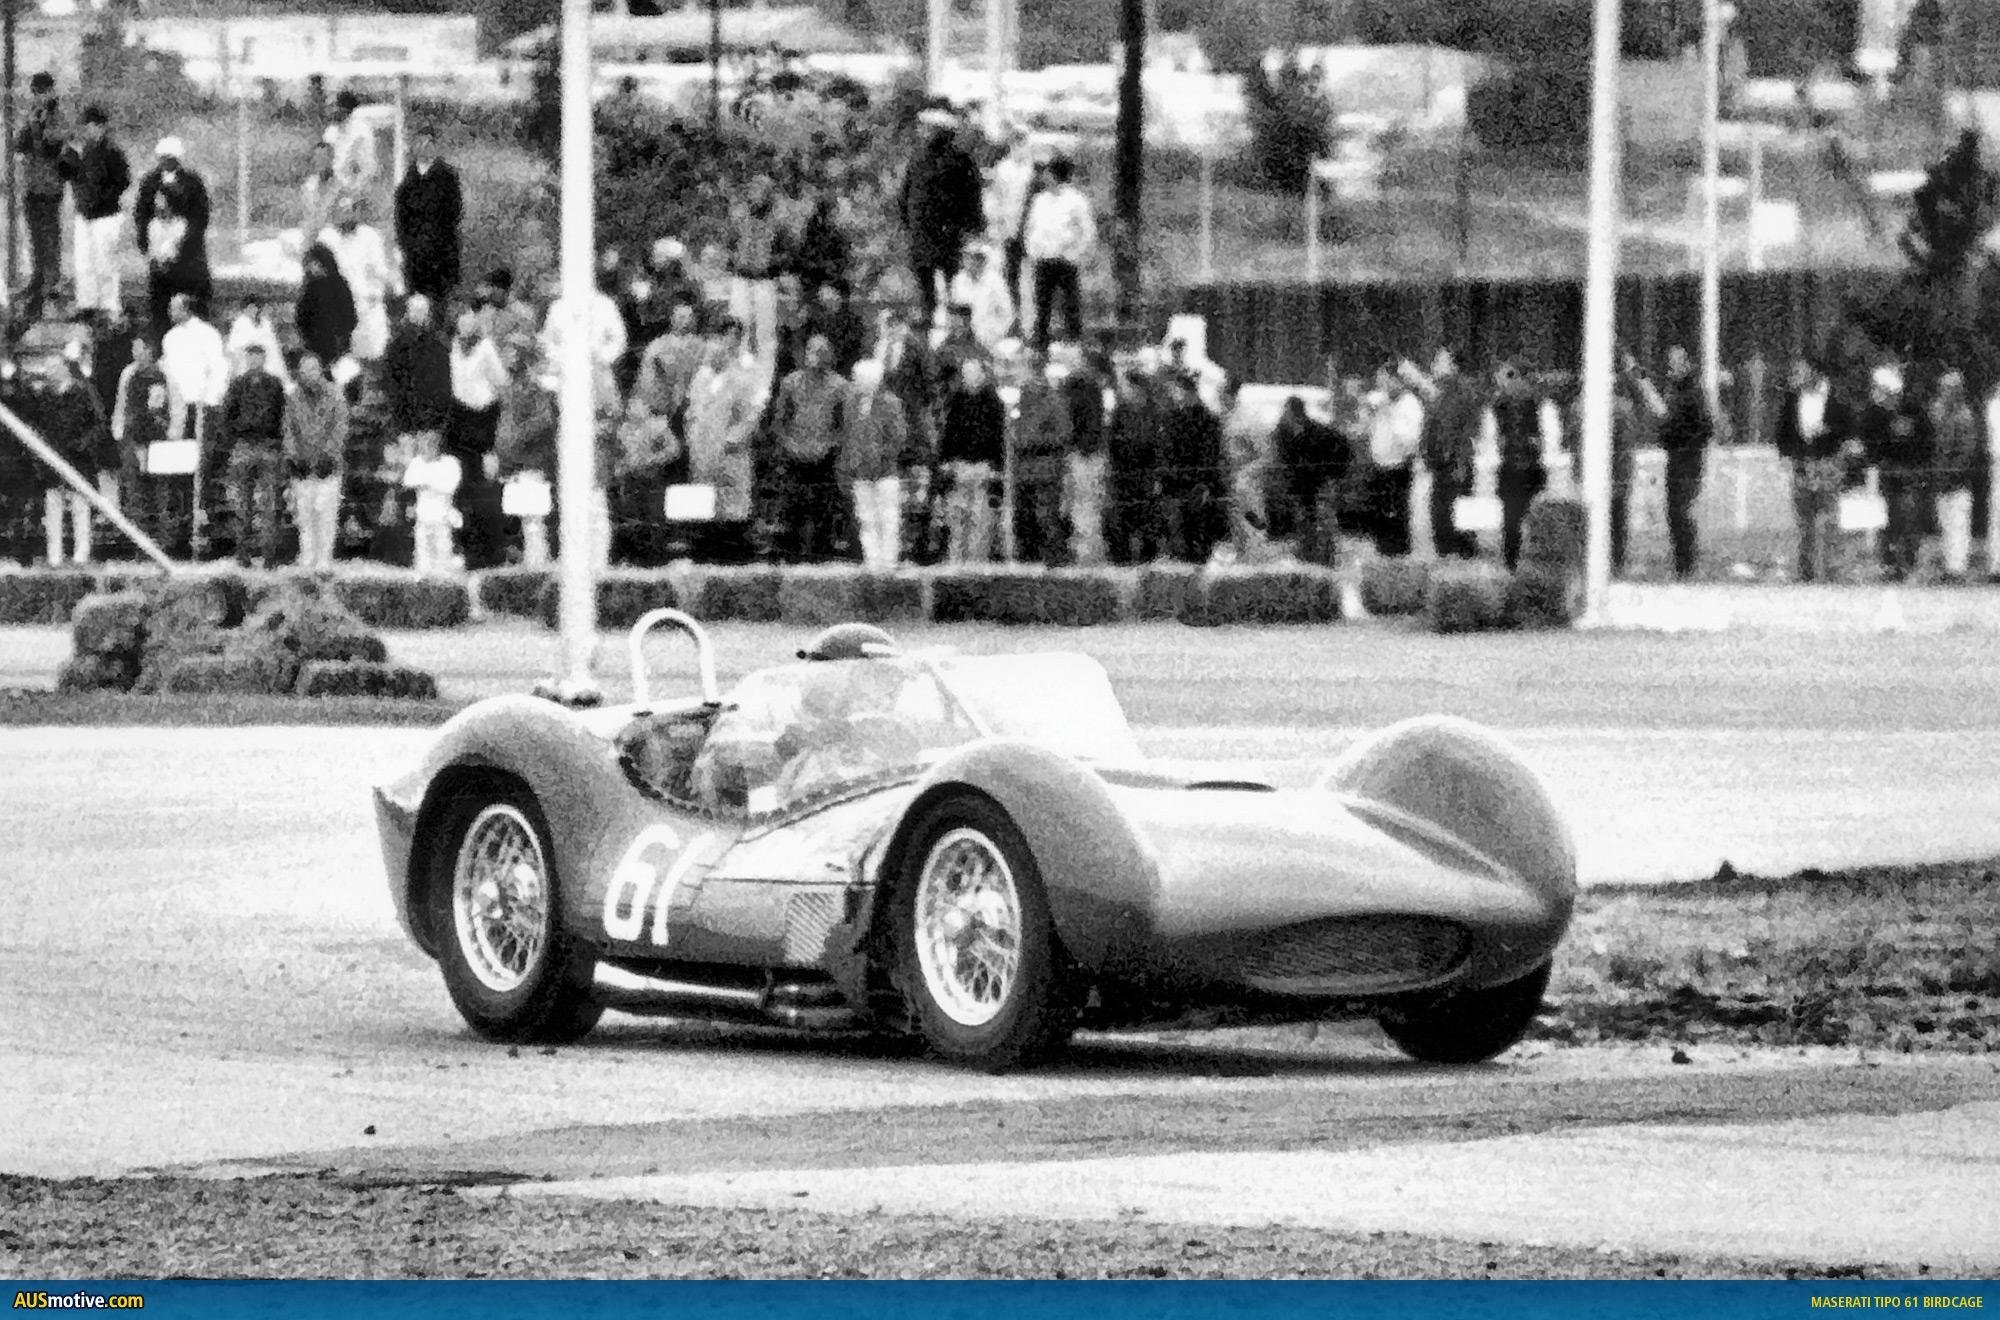 A rare 1960 Maserati Tipo 61